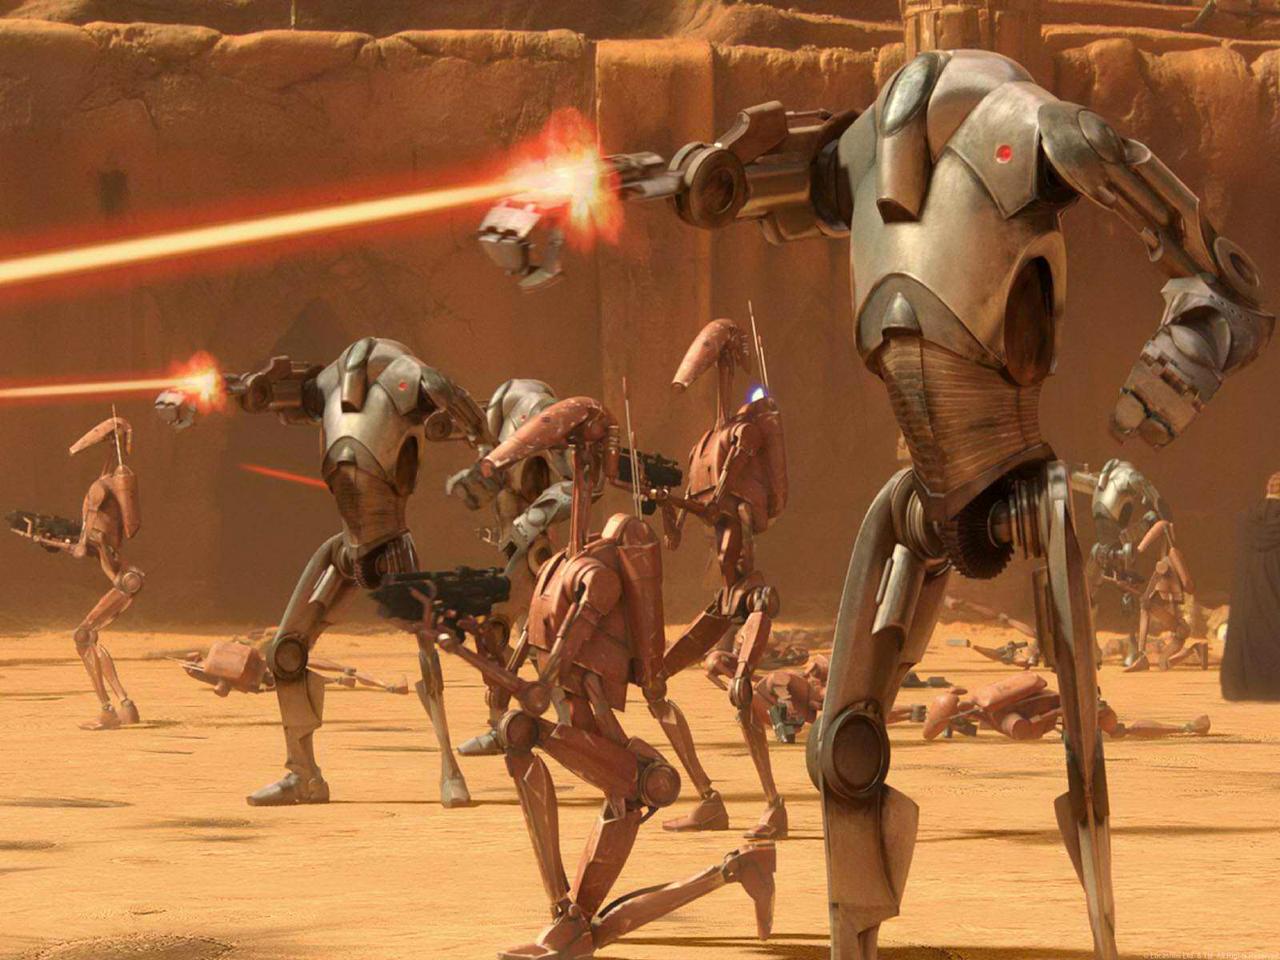 POURQUOI TU VIENS PAS? Parce que j'aime pas! Battle_droids_on_Geonosis